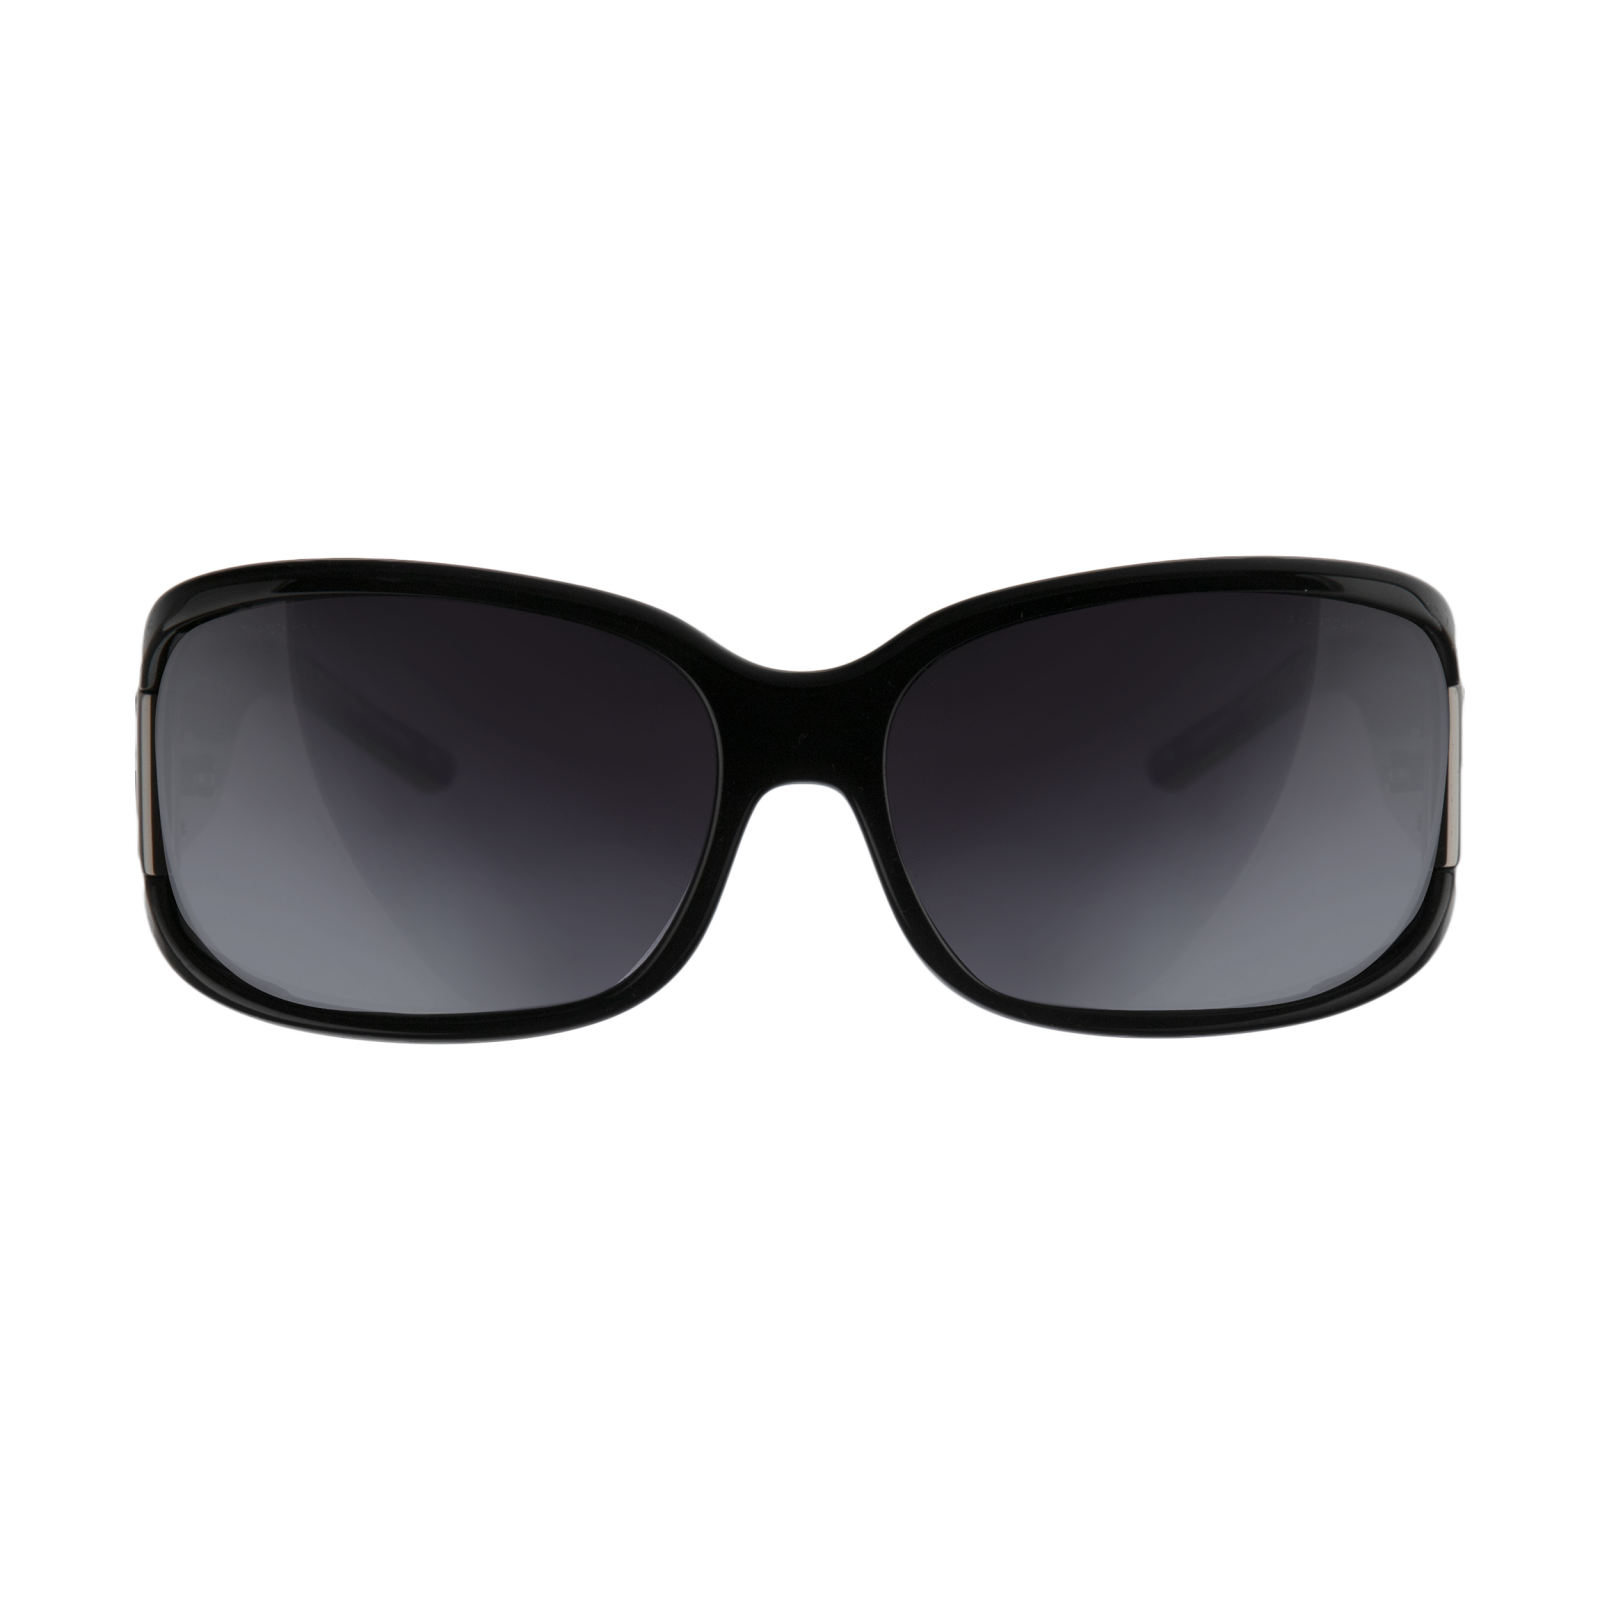 عینک آفتابی زنانه بربری مدل BE 4071S 316411 61 -  - 2